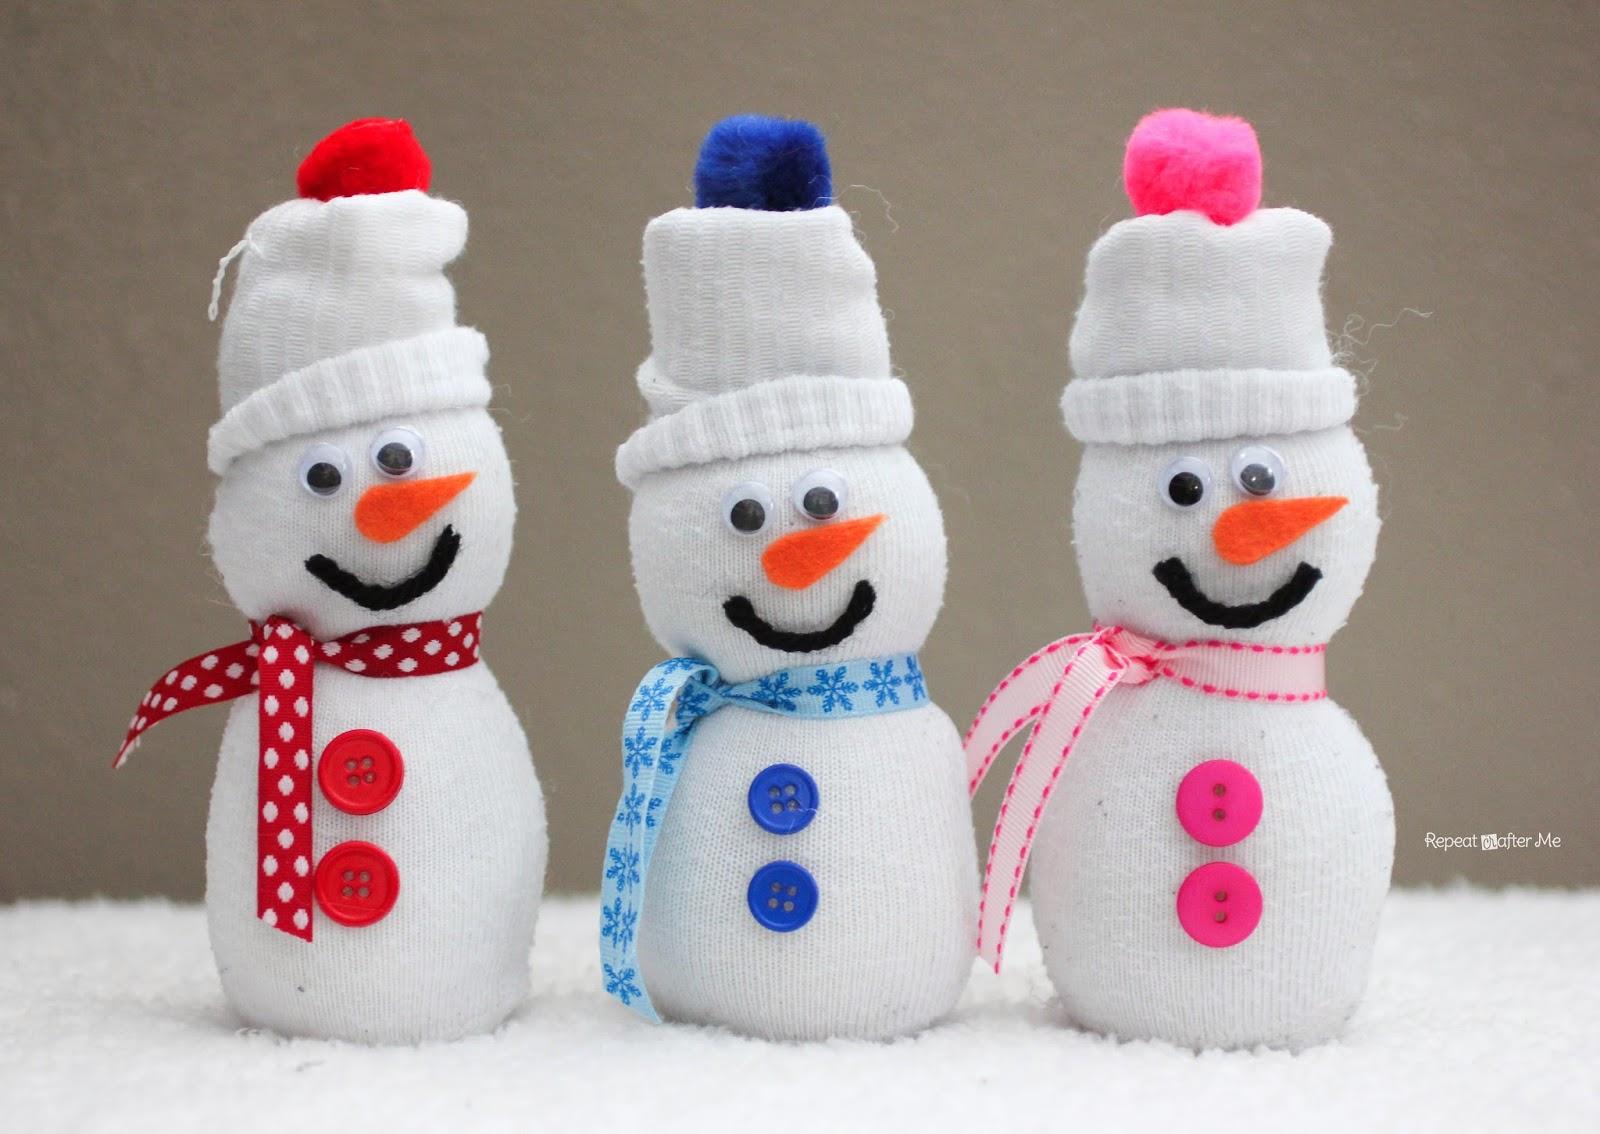 Снеговик своими руками: из бумаги, ваты, ниток, подручных материалов - как сделать снеговика своими руками в домашних условиях